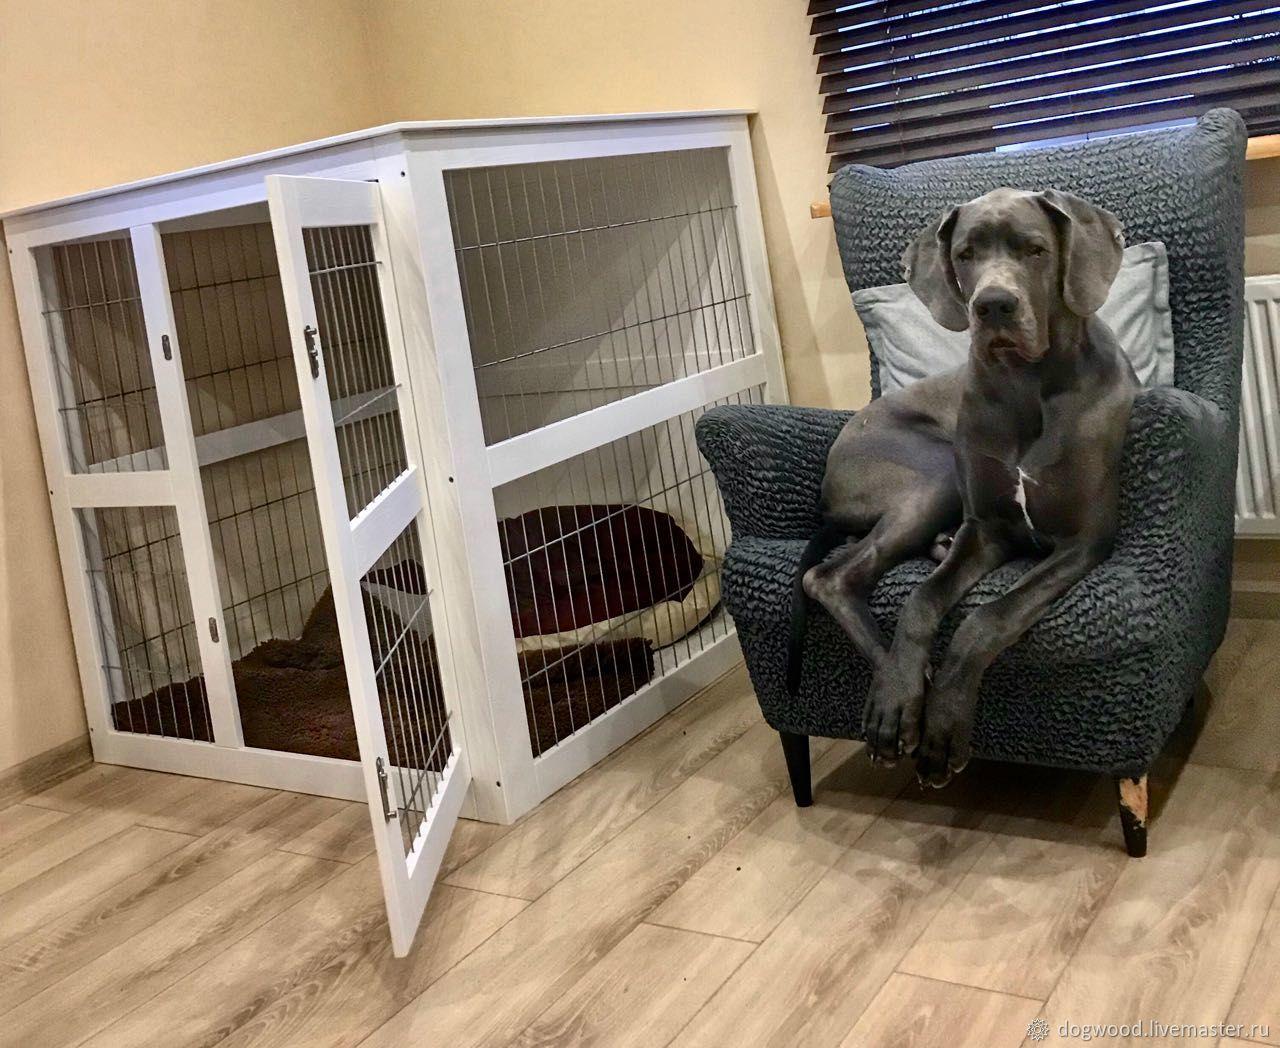 Как выбрать и установить вольер для собаки в квартире